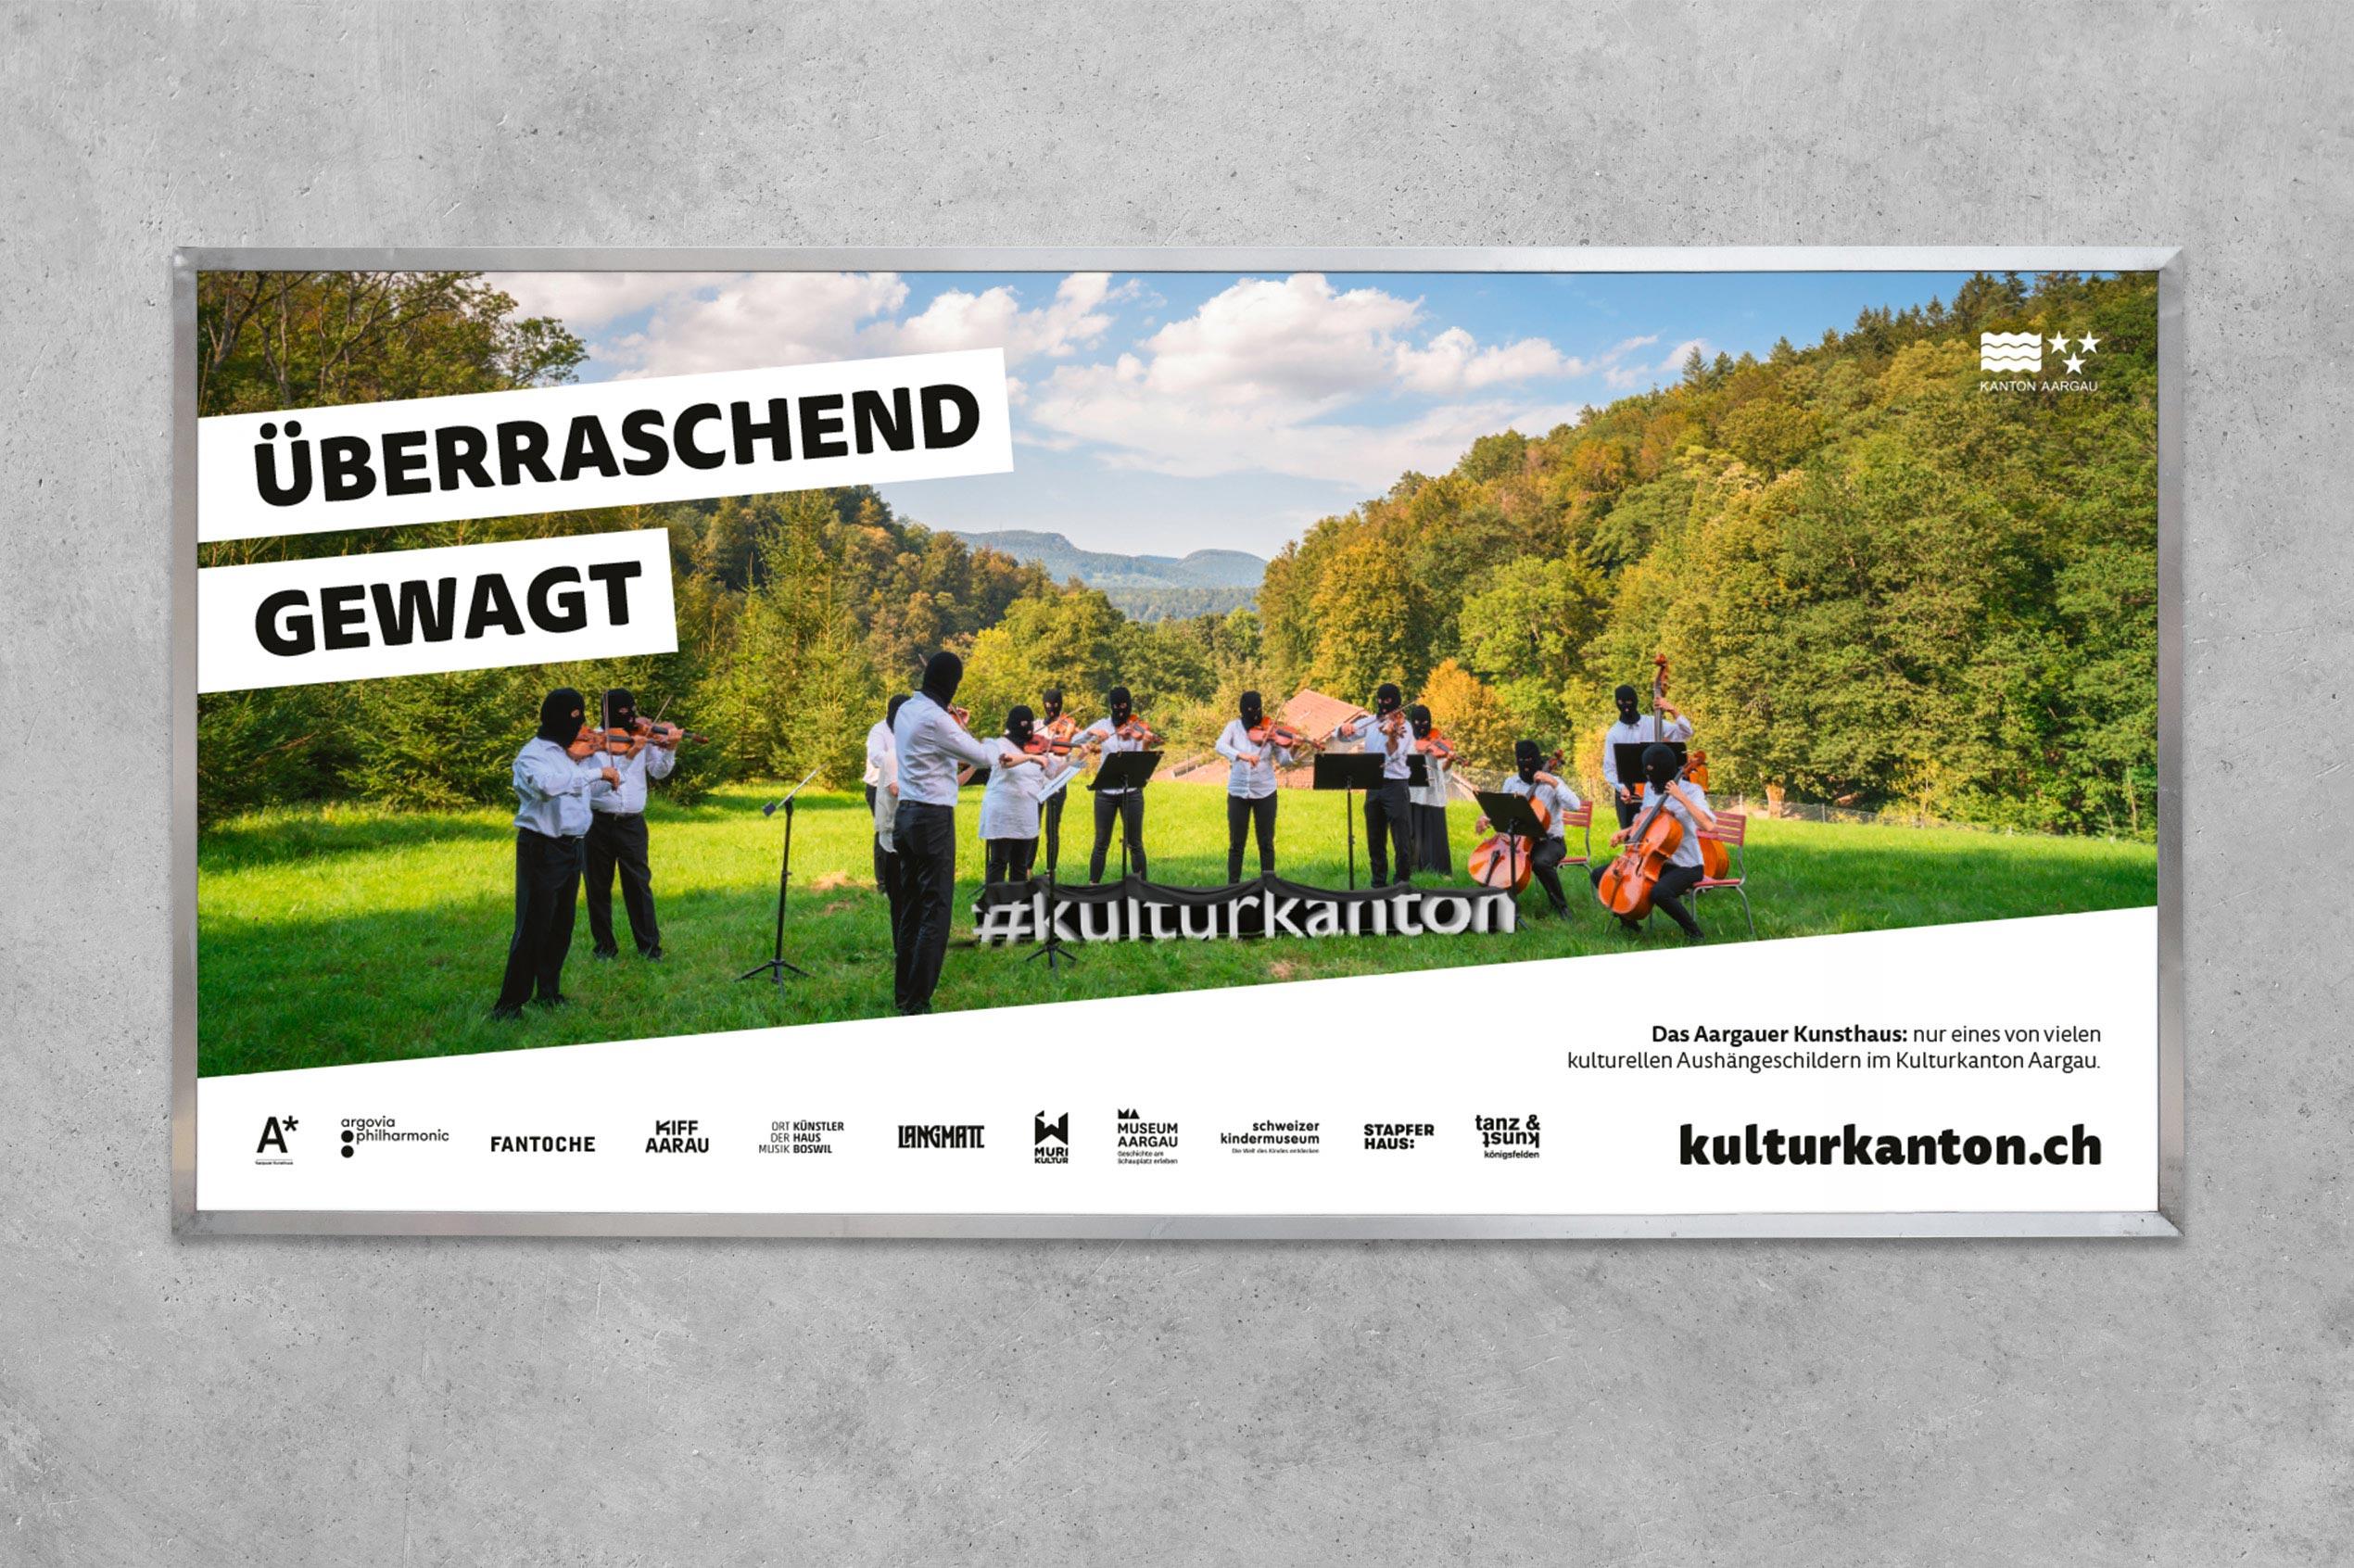 Kulturkanton, Plakat F12, Kunsthaus